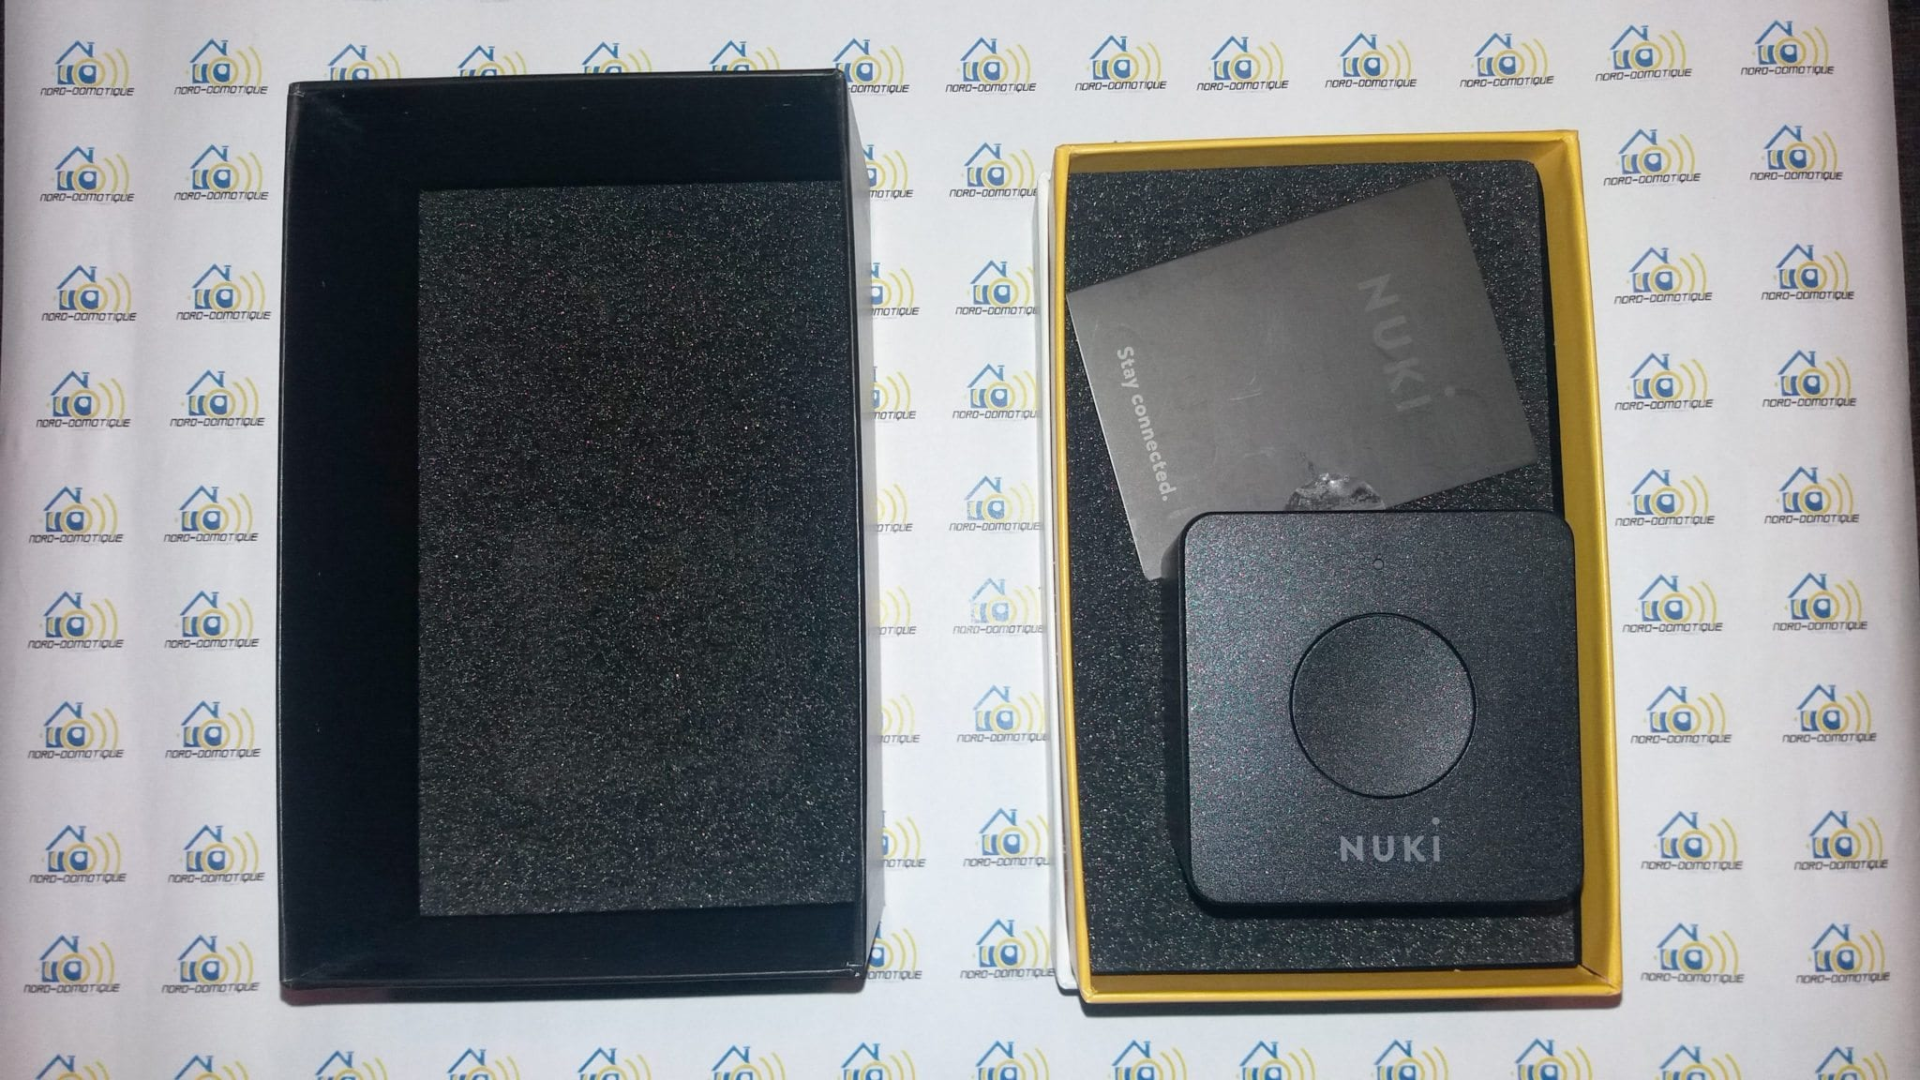 07 Test de la serrure connectée Nuki Smart Lock